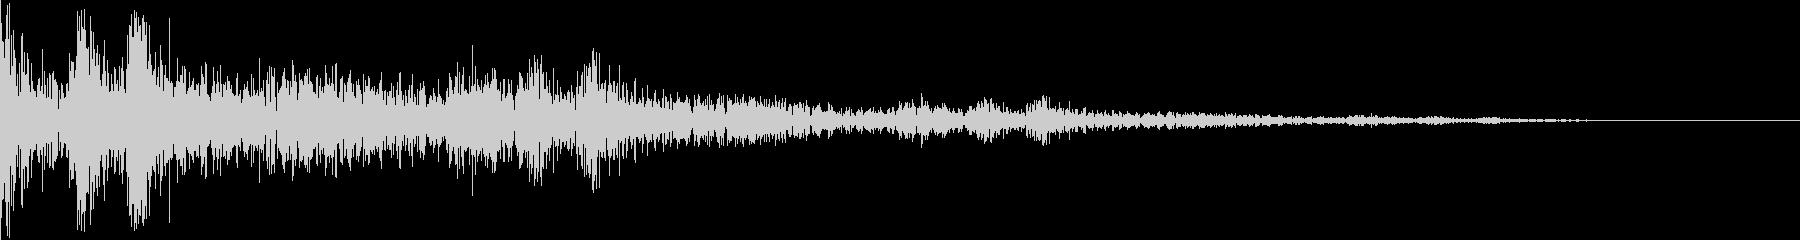 ベベン(三味線 琵琶 選択)の未再生の波形